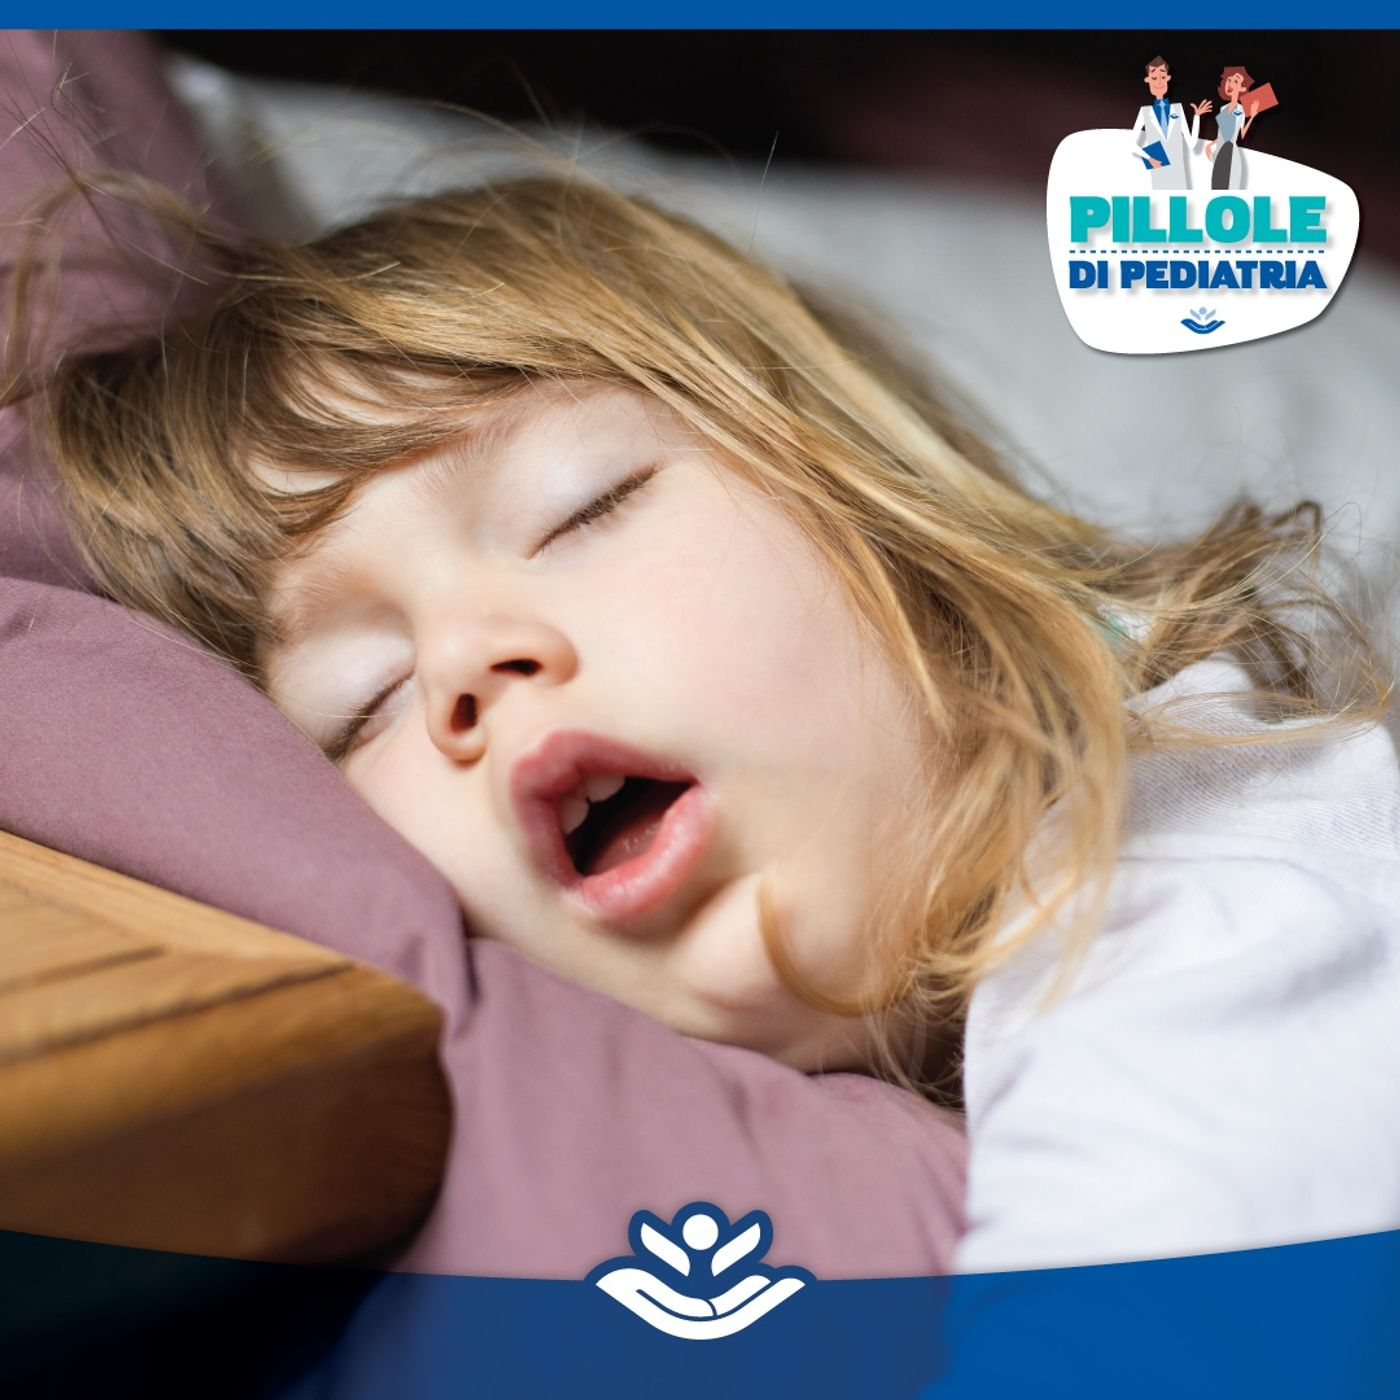 Apnee ostruttive del sonno